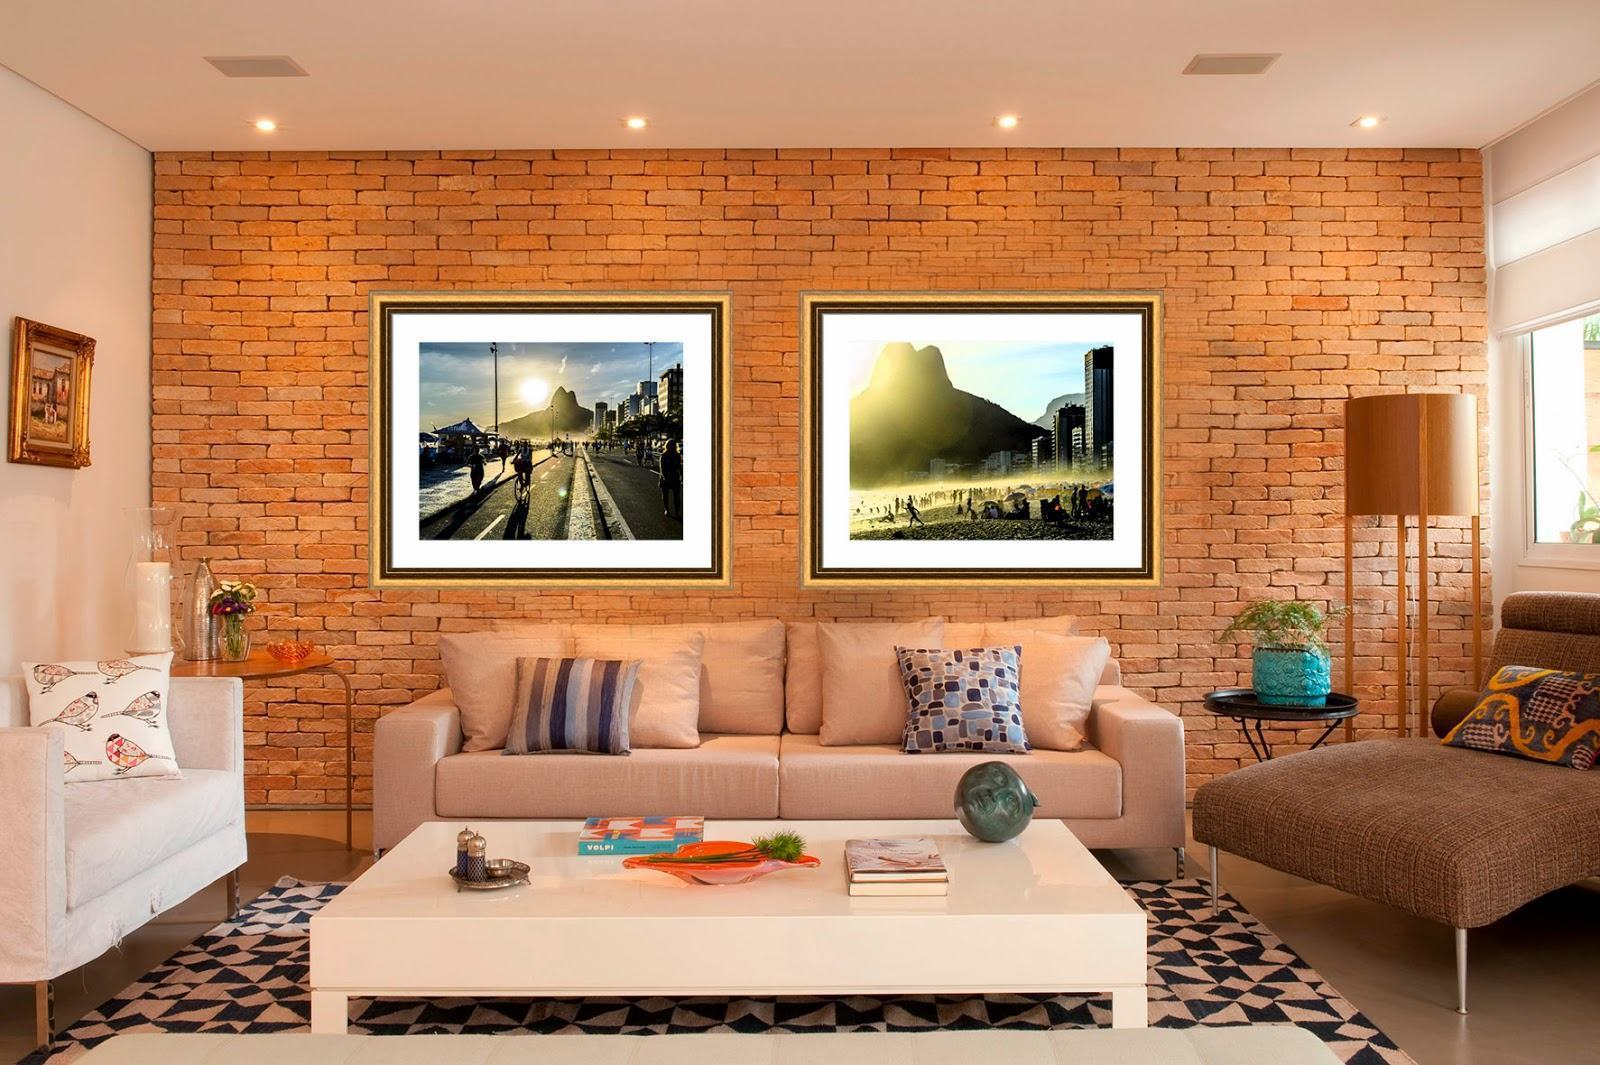 Quadros decorativos para sala ideias dicas e modelos for Quadros dormitorio